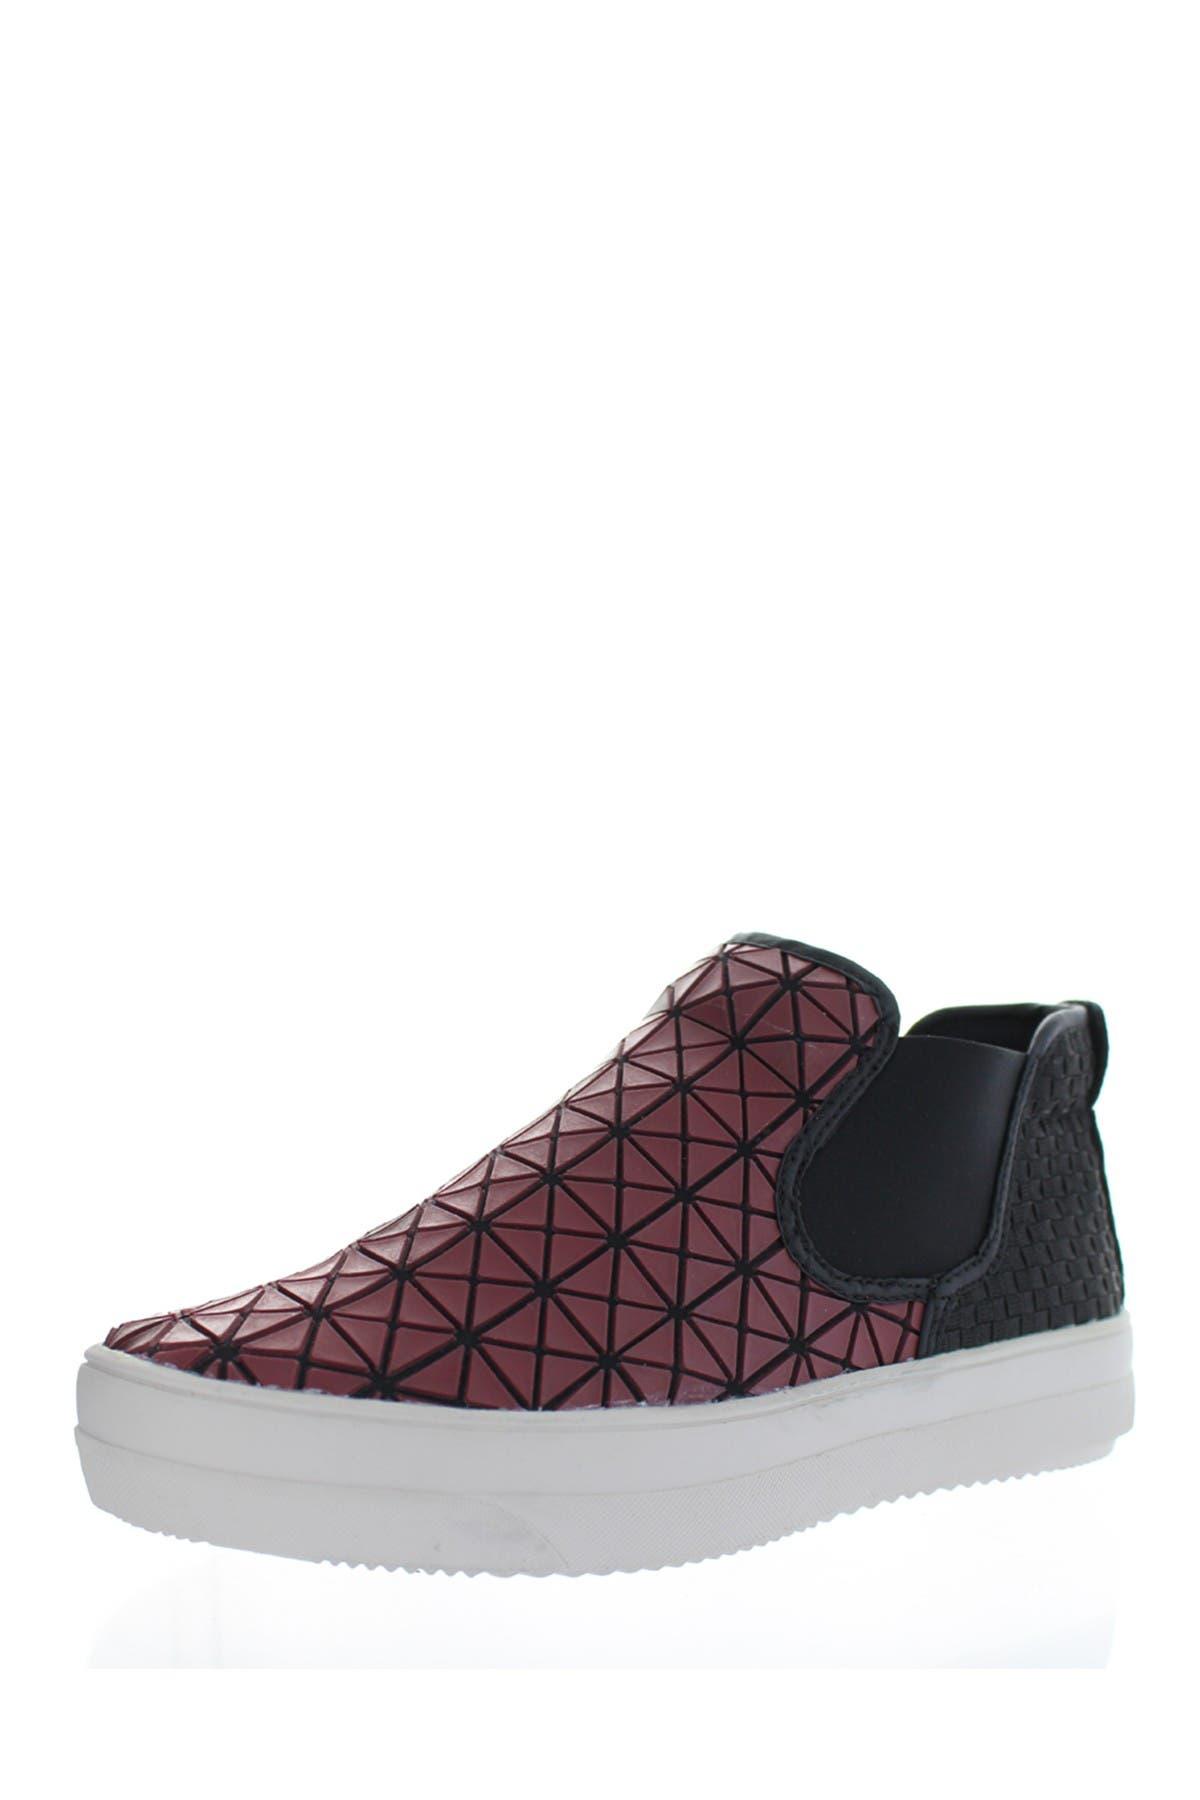 Image of Bernie Mev Axis Web Slip-On Sneaker